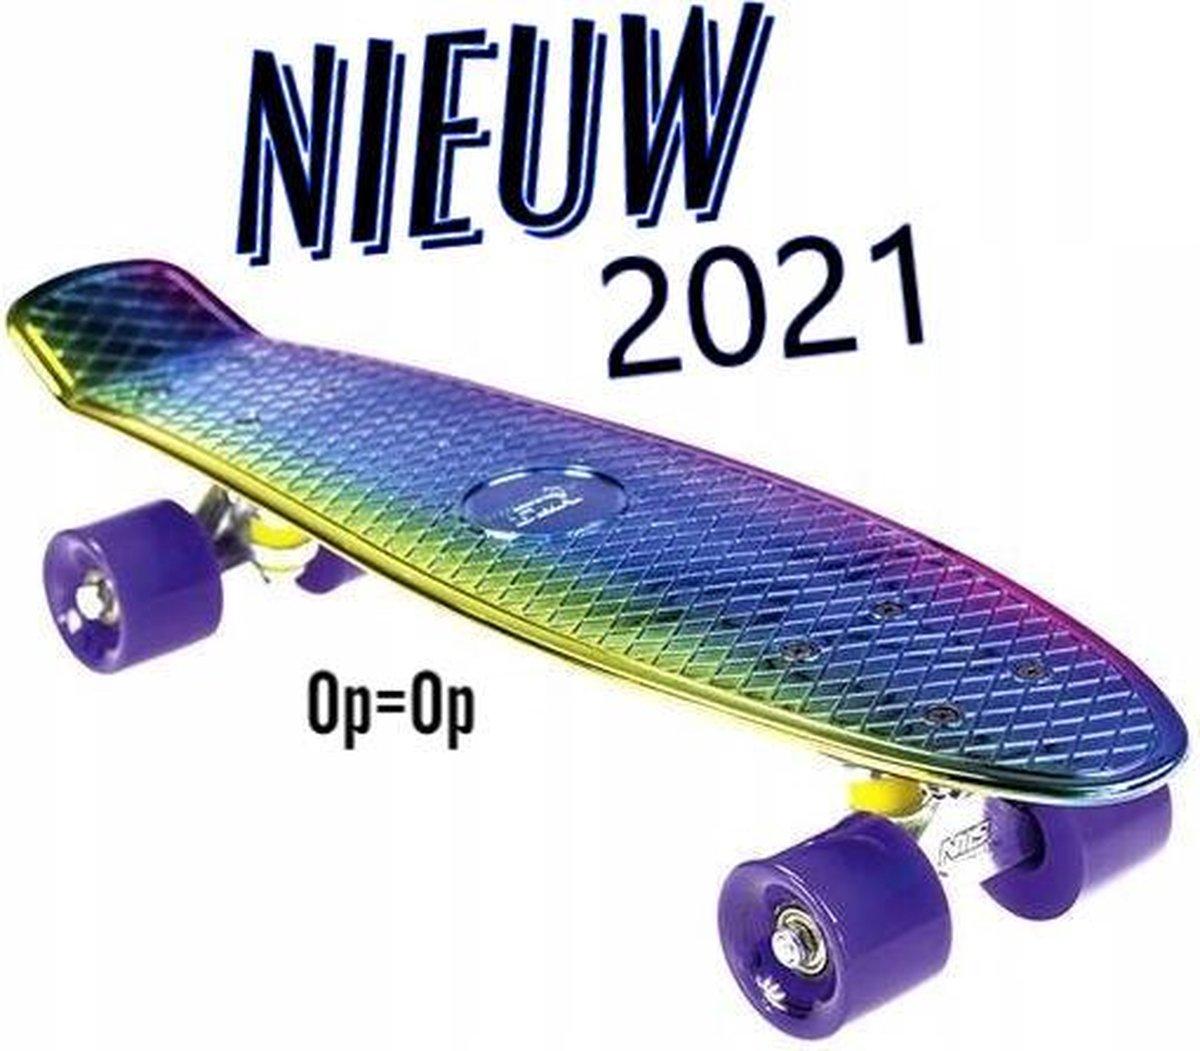 DEMO Model - Merk Nils *Pennyboard* Skateboard * Skaten * Zomer speelgoed.